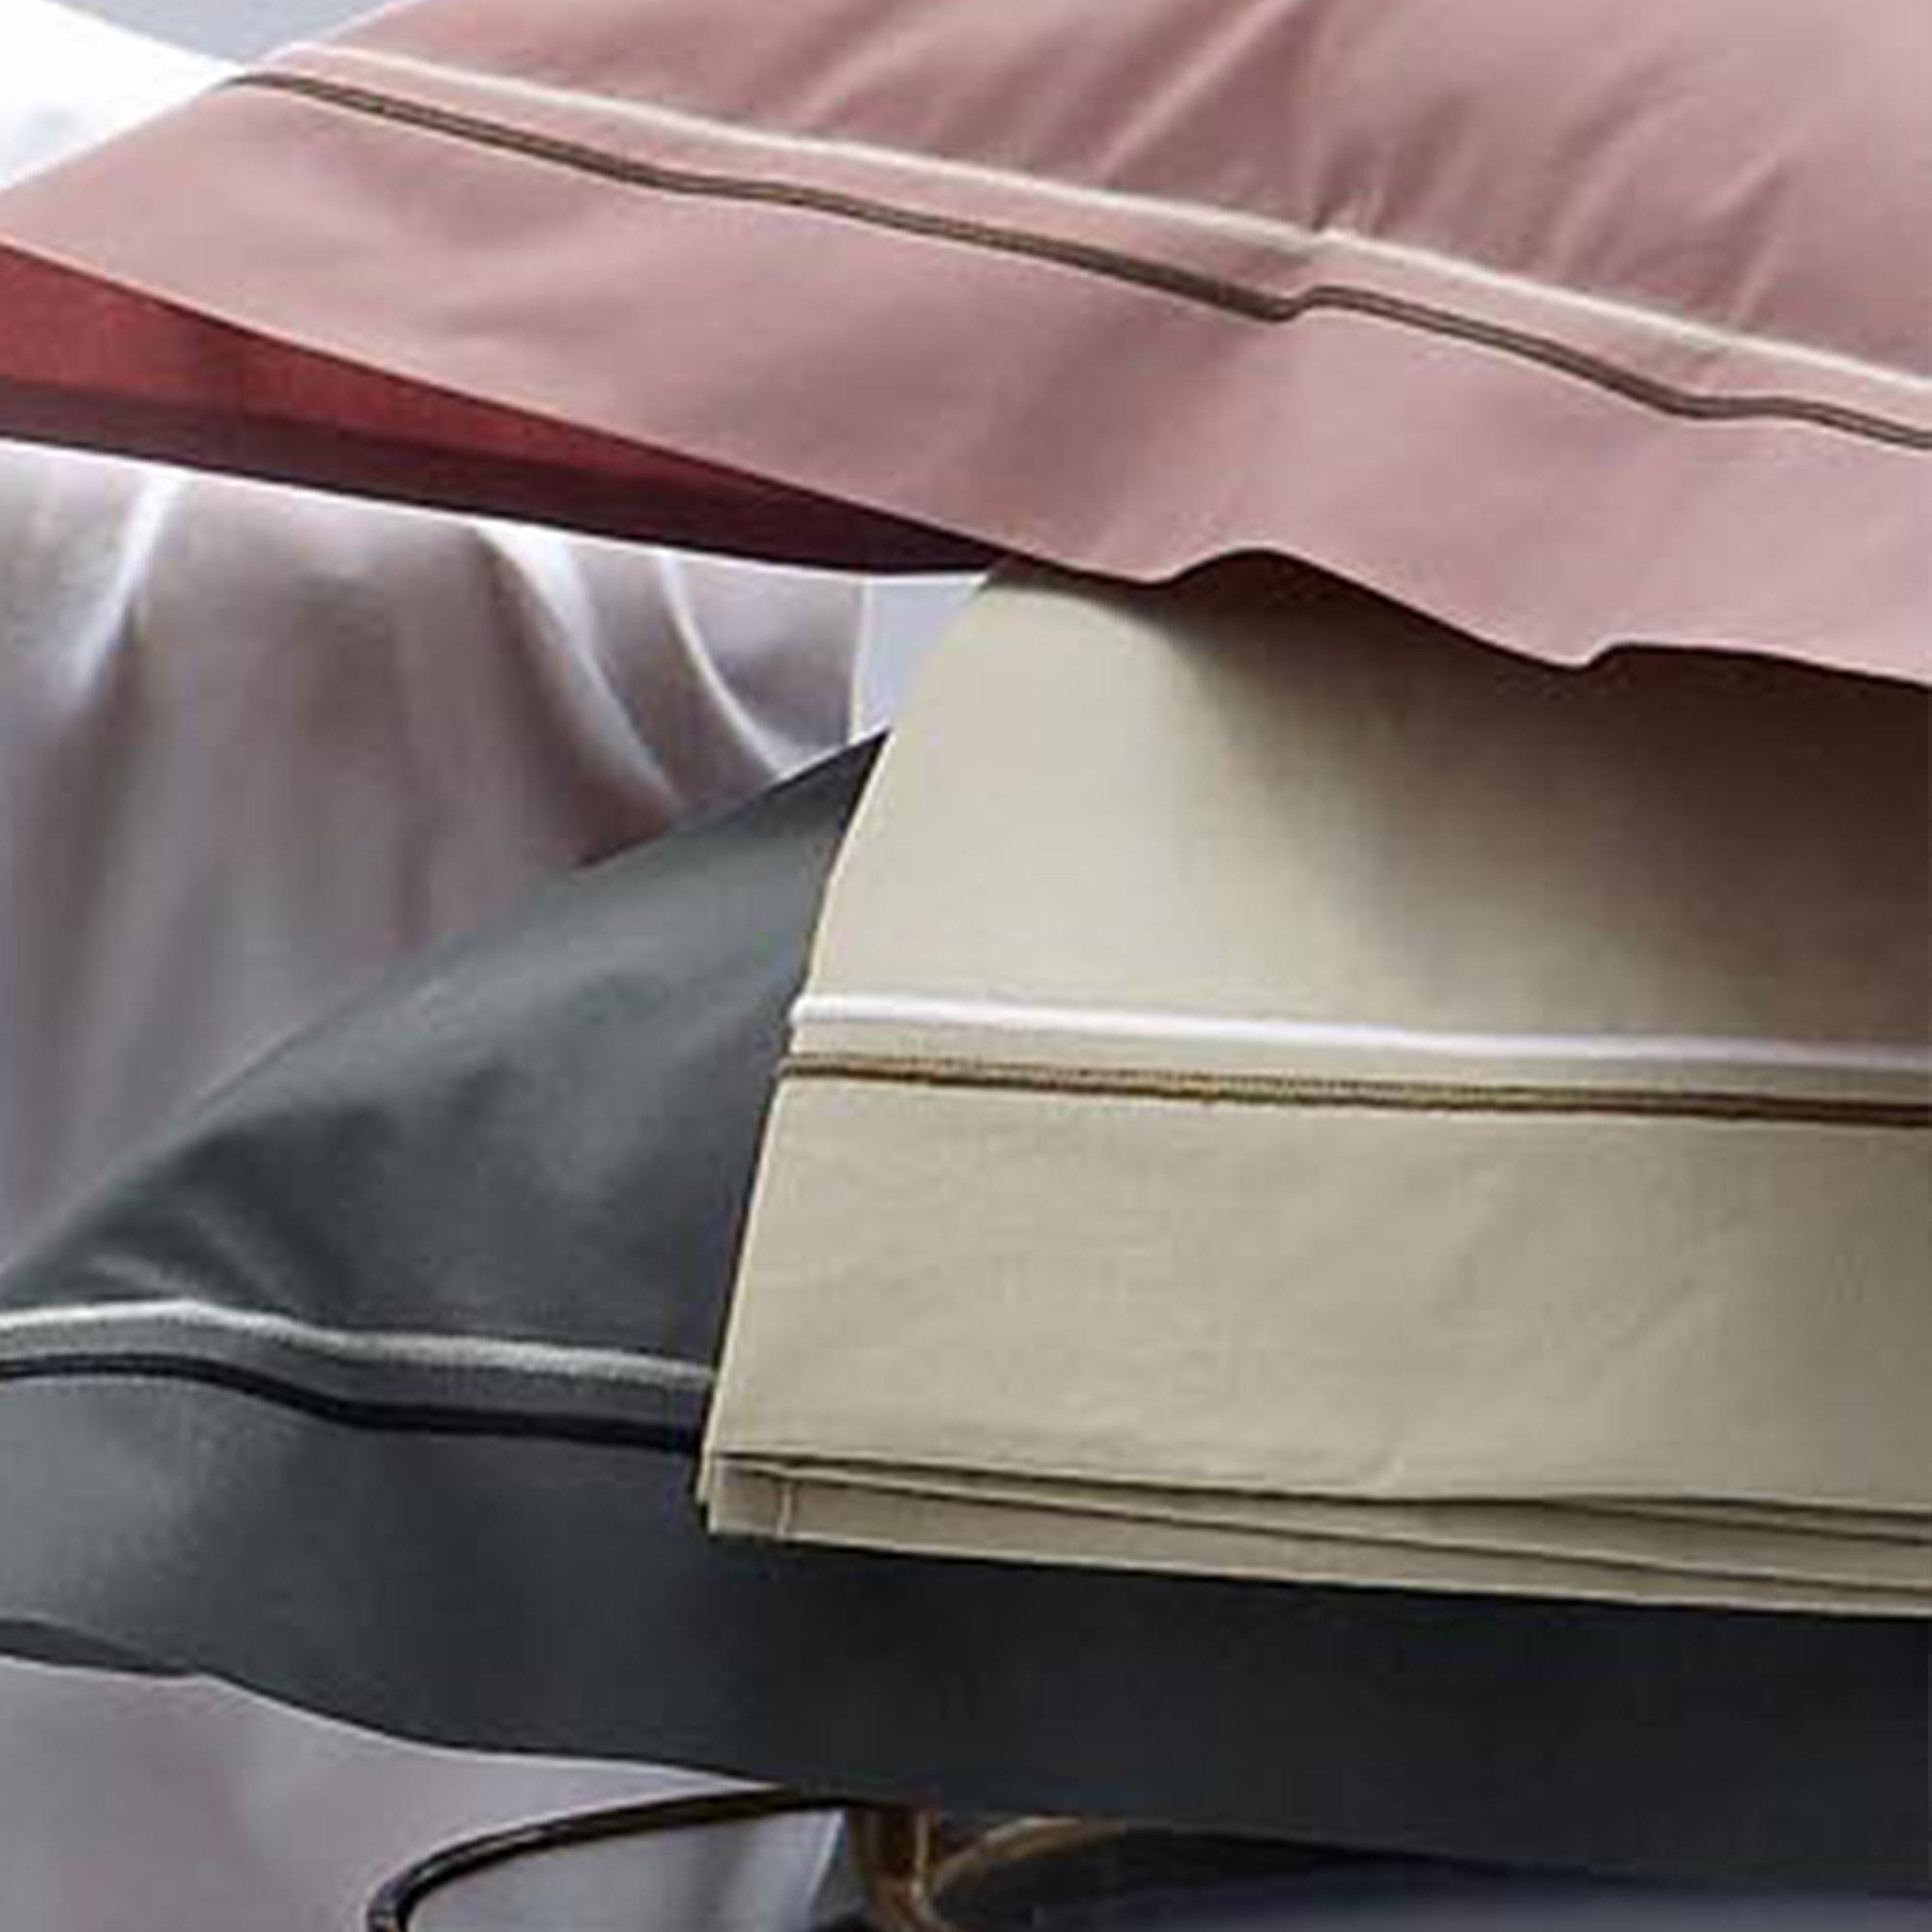 Linnea Taie d'oreiller 40x40 cm uni Percale pur coton HOTEL DE PARIS Lin